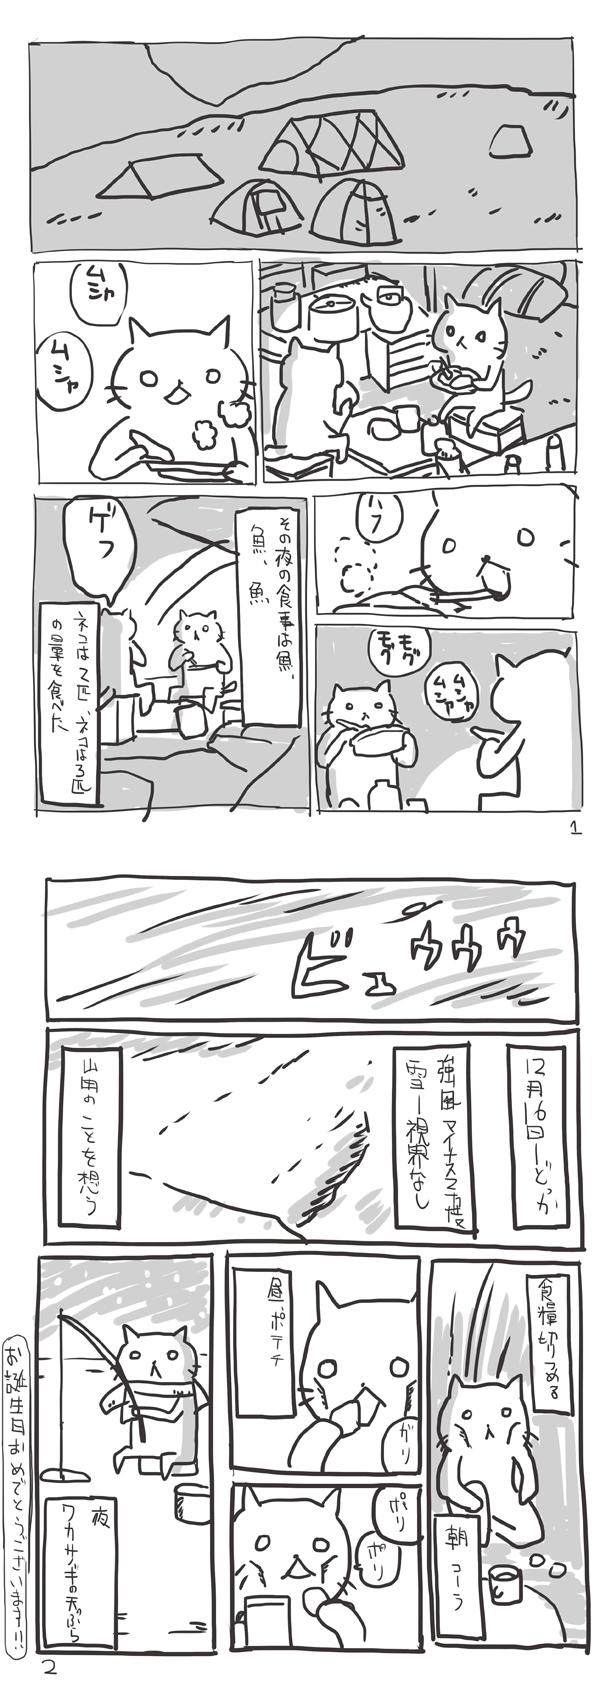 birthday_kaneko